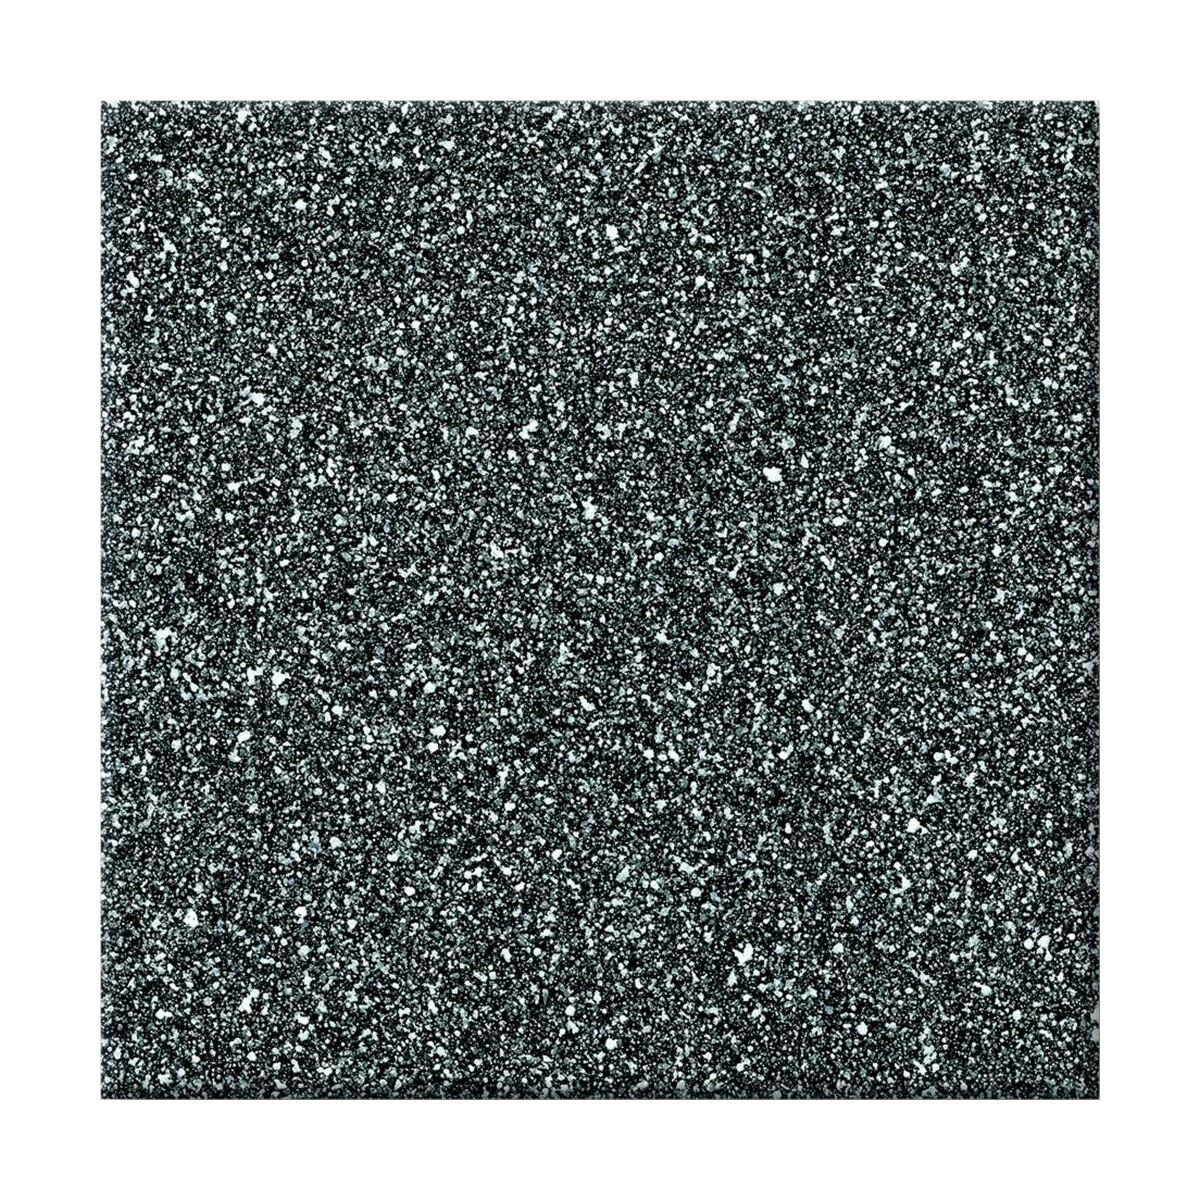 Gres strukturalny eterno 33 3 x 33 3 cm tub dzin gres for Gres porcellanato 3 mm leroy merlin